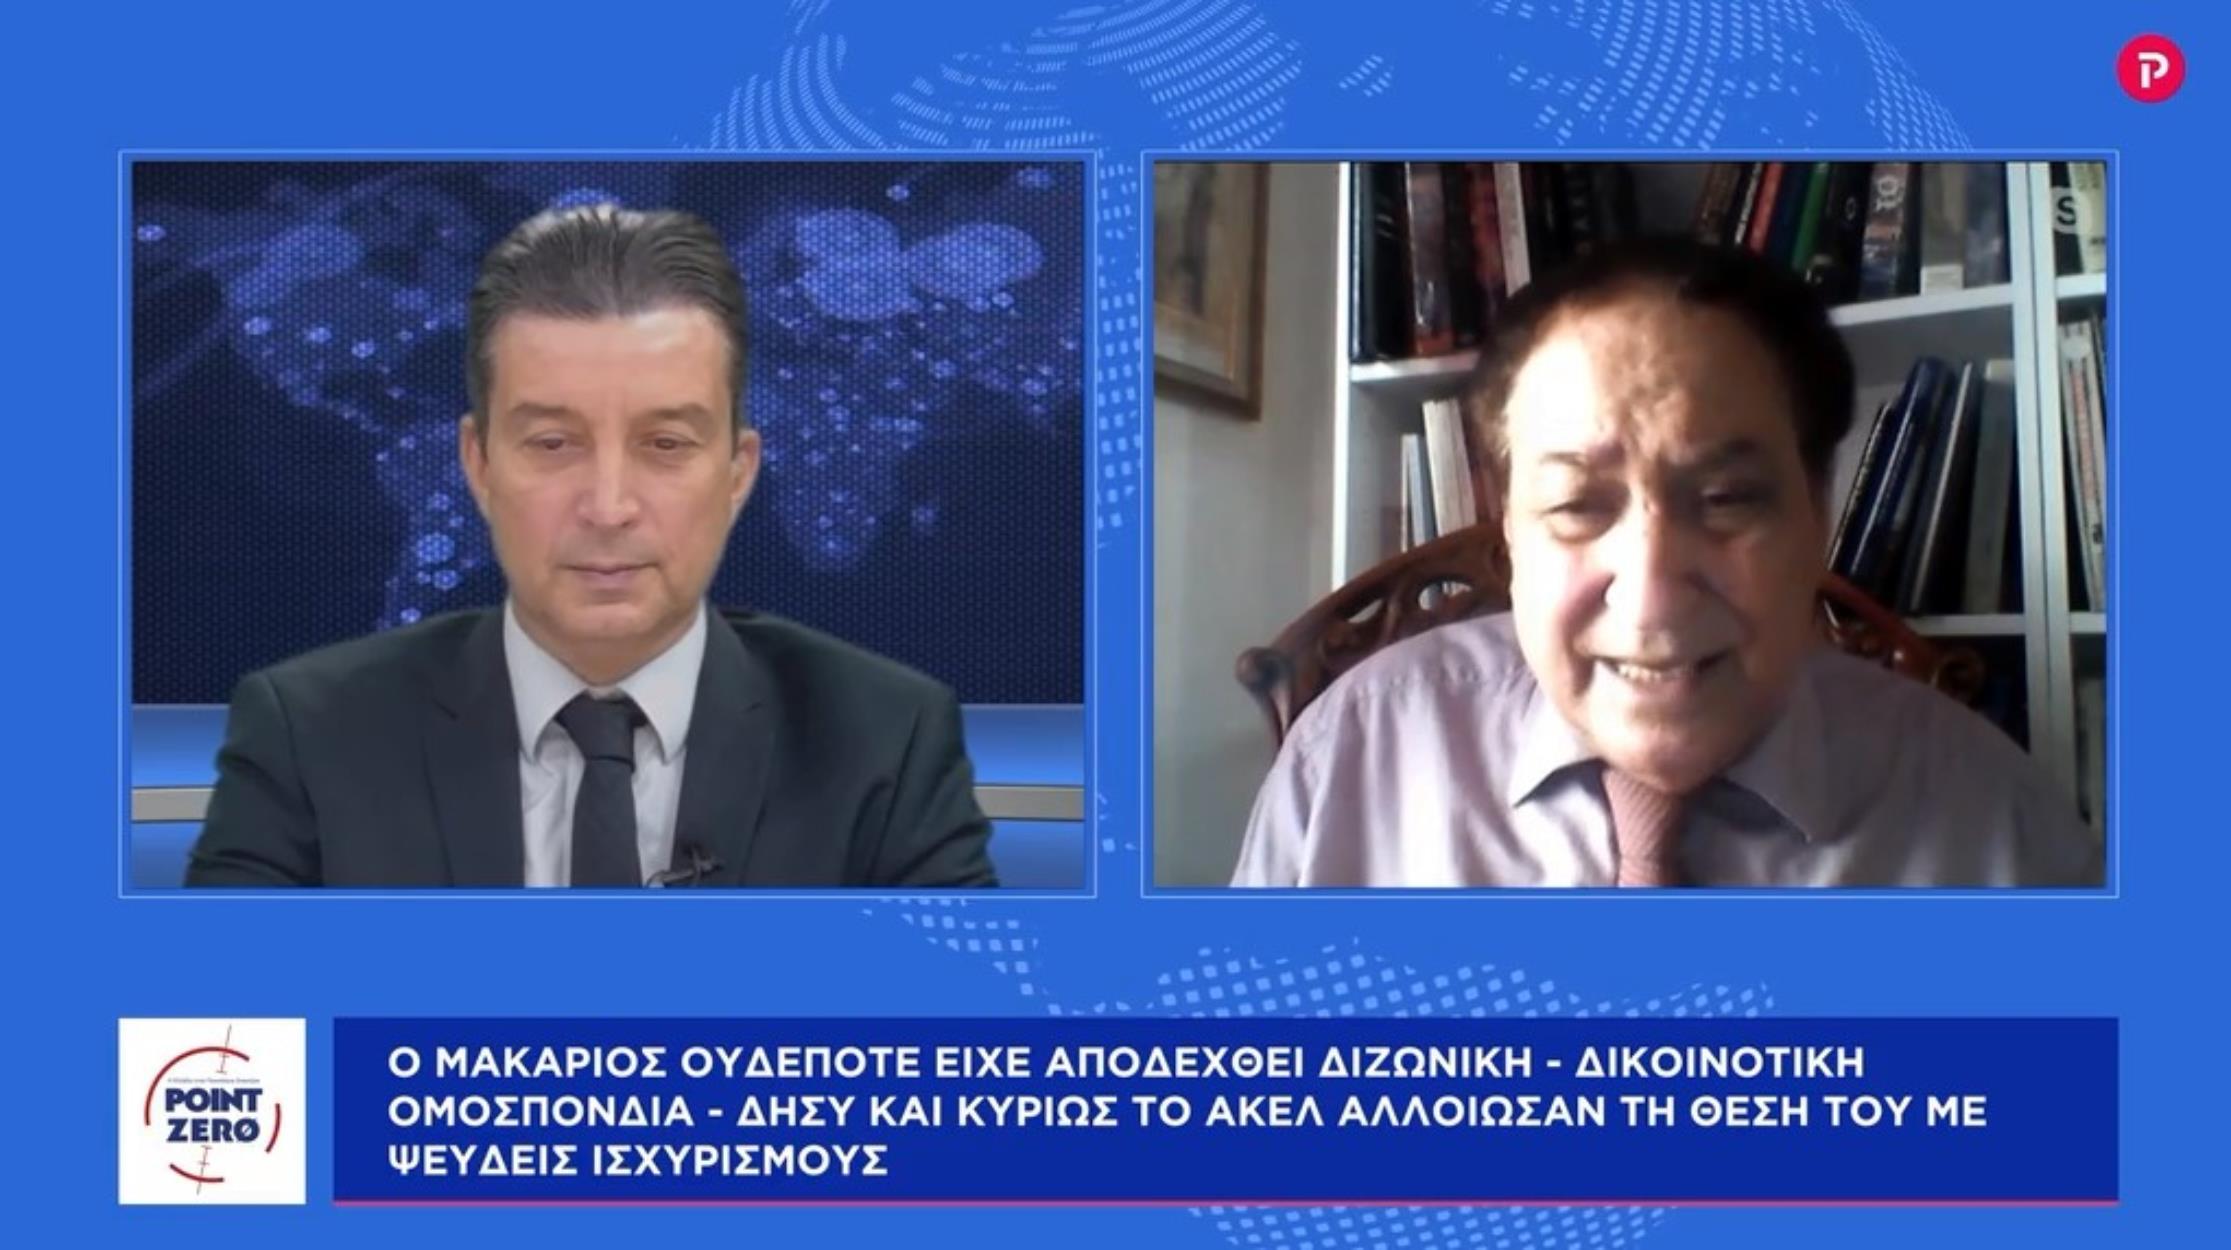 πρέσβης Περικλής Νεάρχου στο pagenews.gr